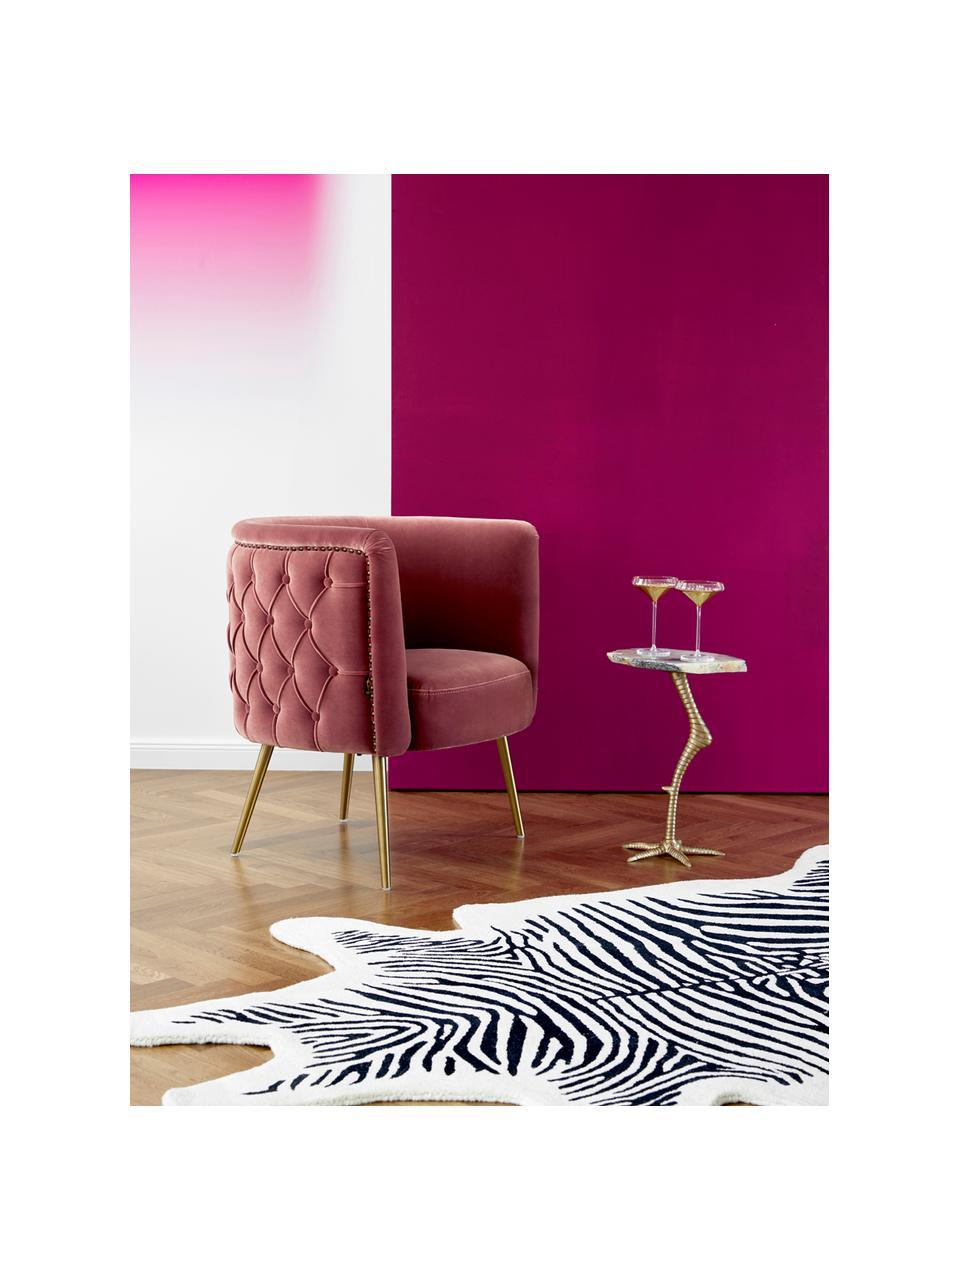 Samt-Cocktailsessel Such A Stud in Rosa, Bezug: Polyestersamt Der hochwer, Füße: Edelstahl, beschichtet, Rahmen: Sperrholz, Samt Pink, 72 x 79 cm